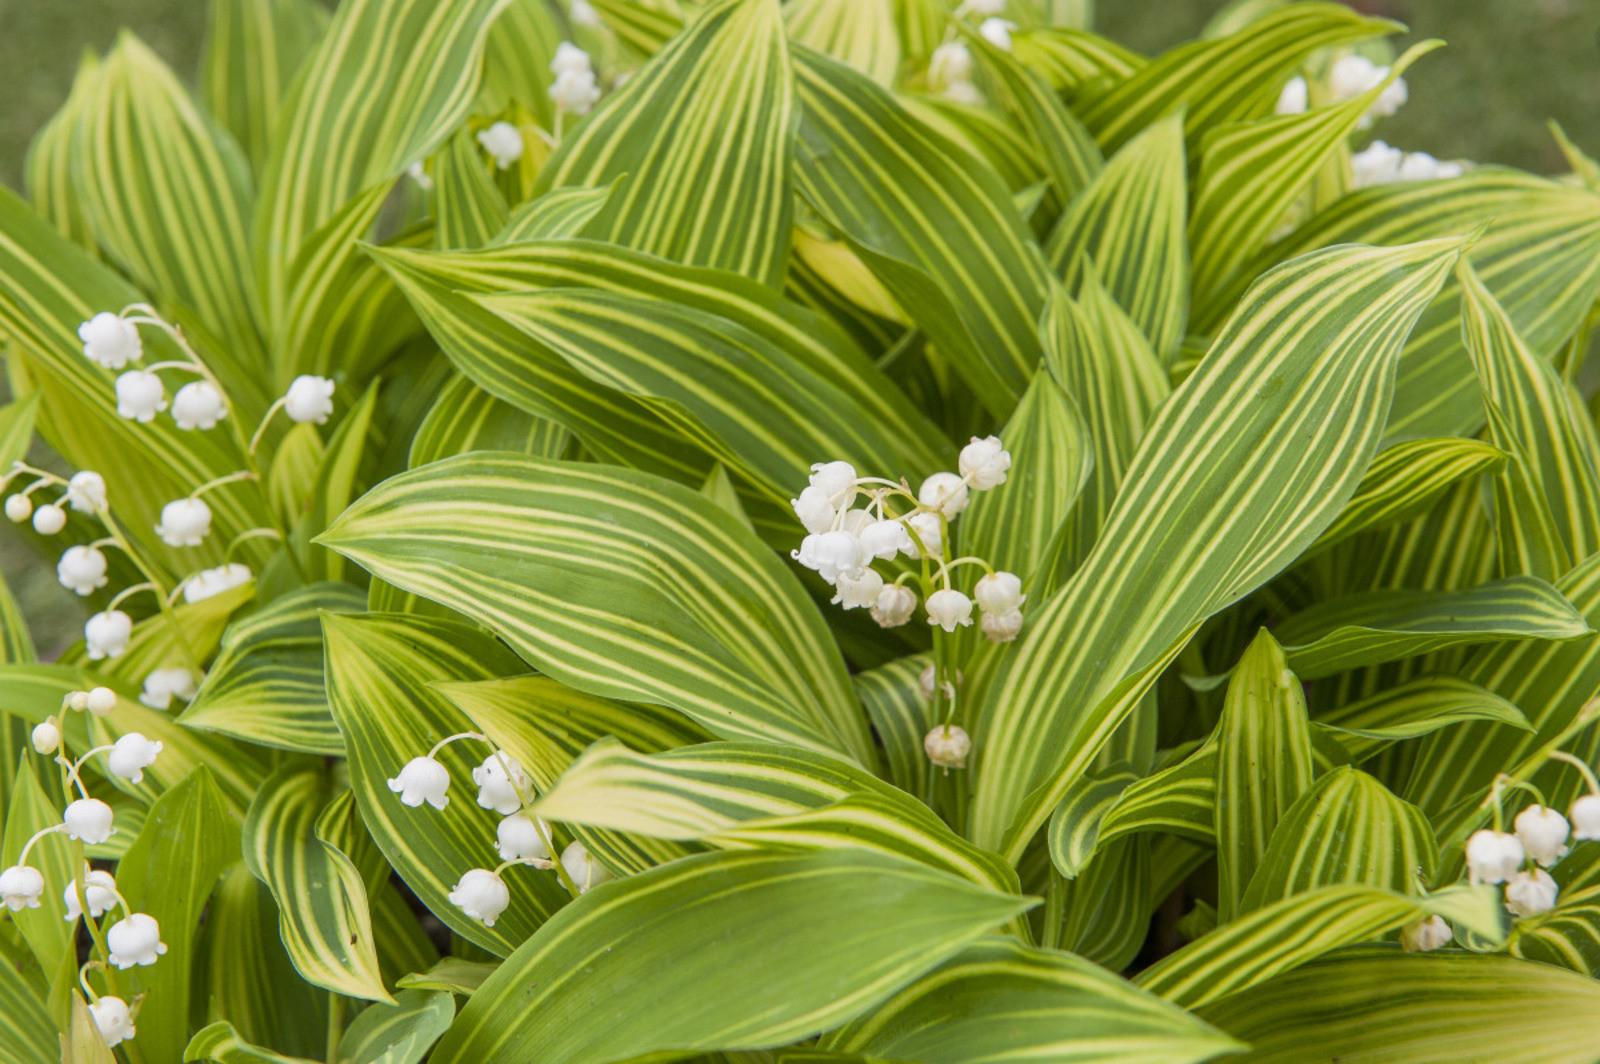 Quelles Sont Les Plantes Toxiques Du Jardin à Arbustes Decoration Jardin